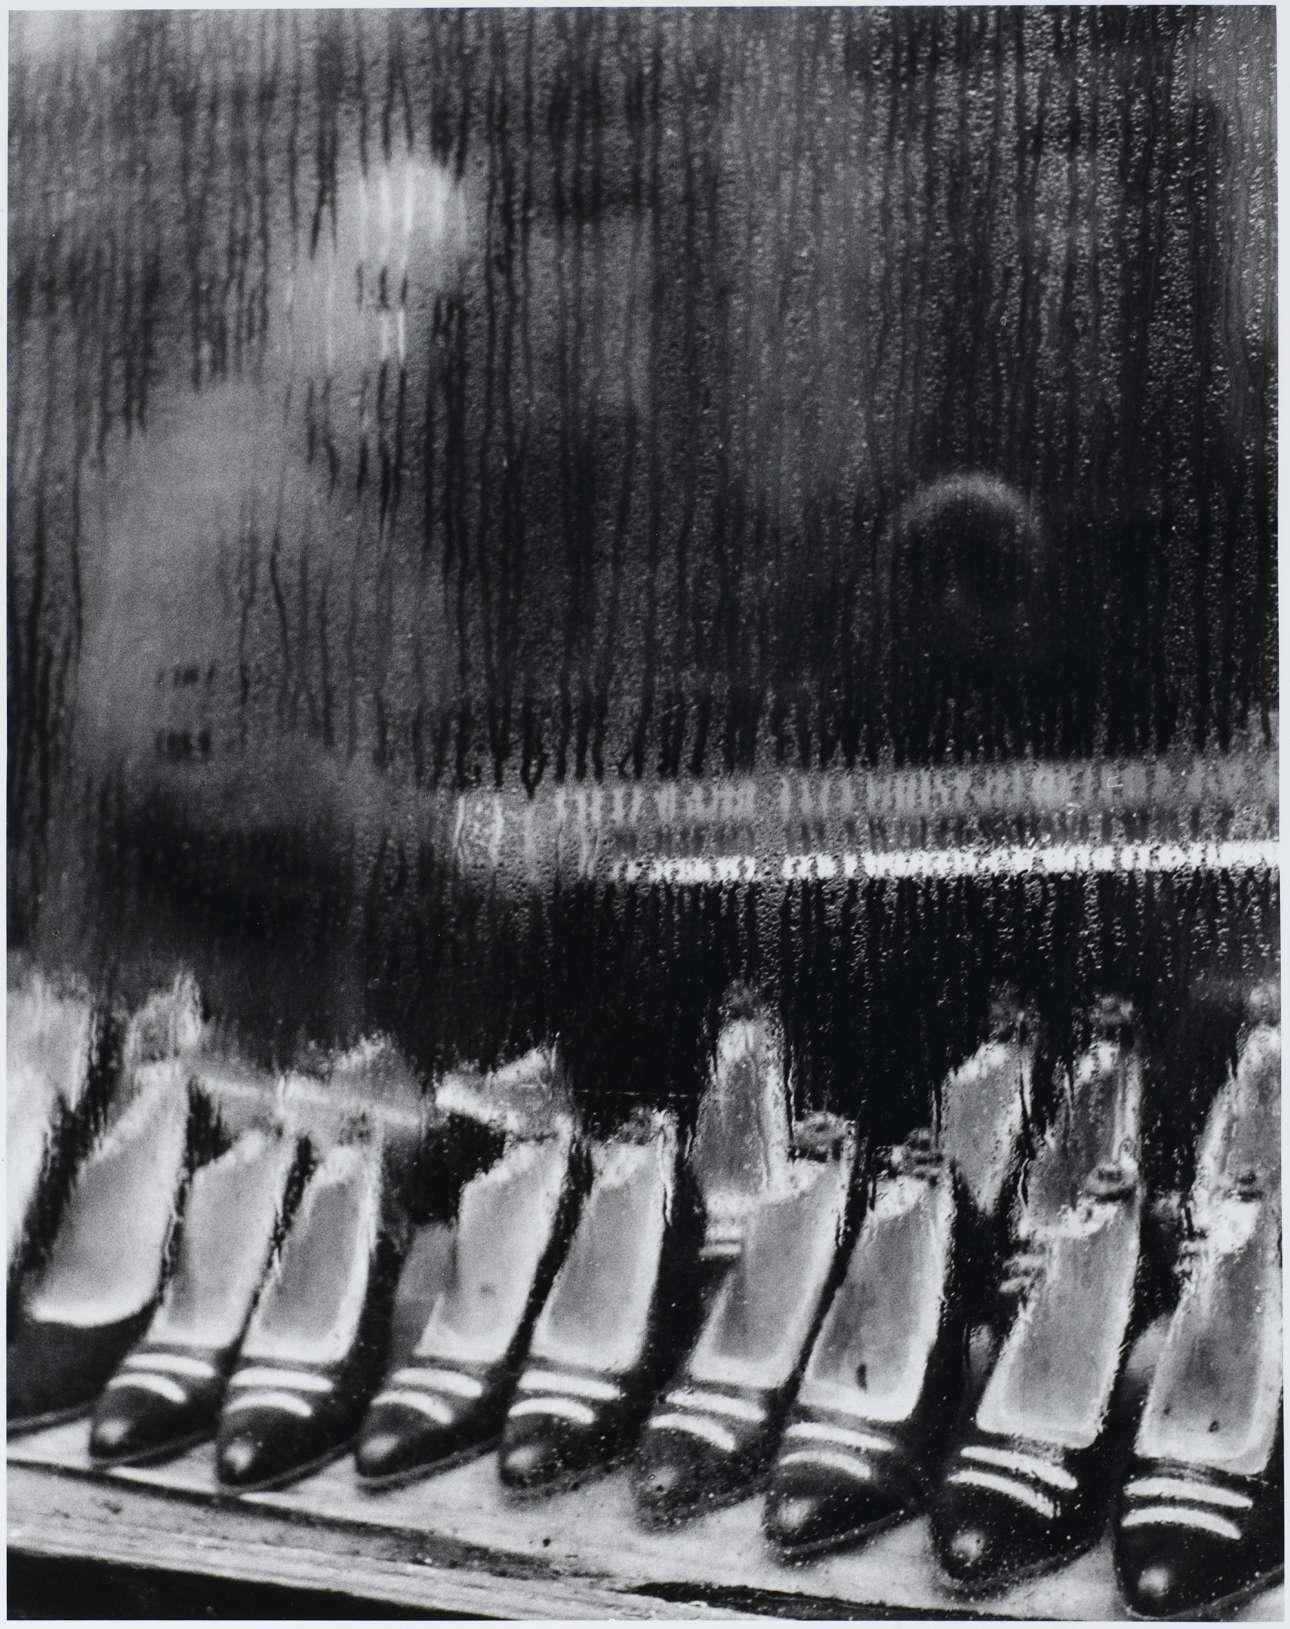 Η ιδιαίτερη ματιά της Βάις: υδρατμοί και καλαπόδια σε μία εικόνα που θυμίζει πίνακα ζωγραφικής, Παρίσι, 1955